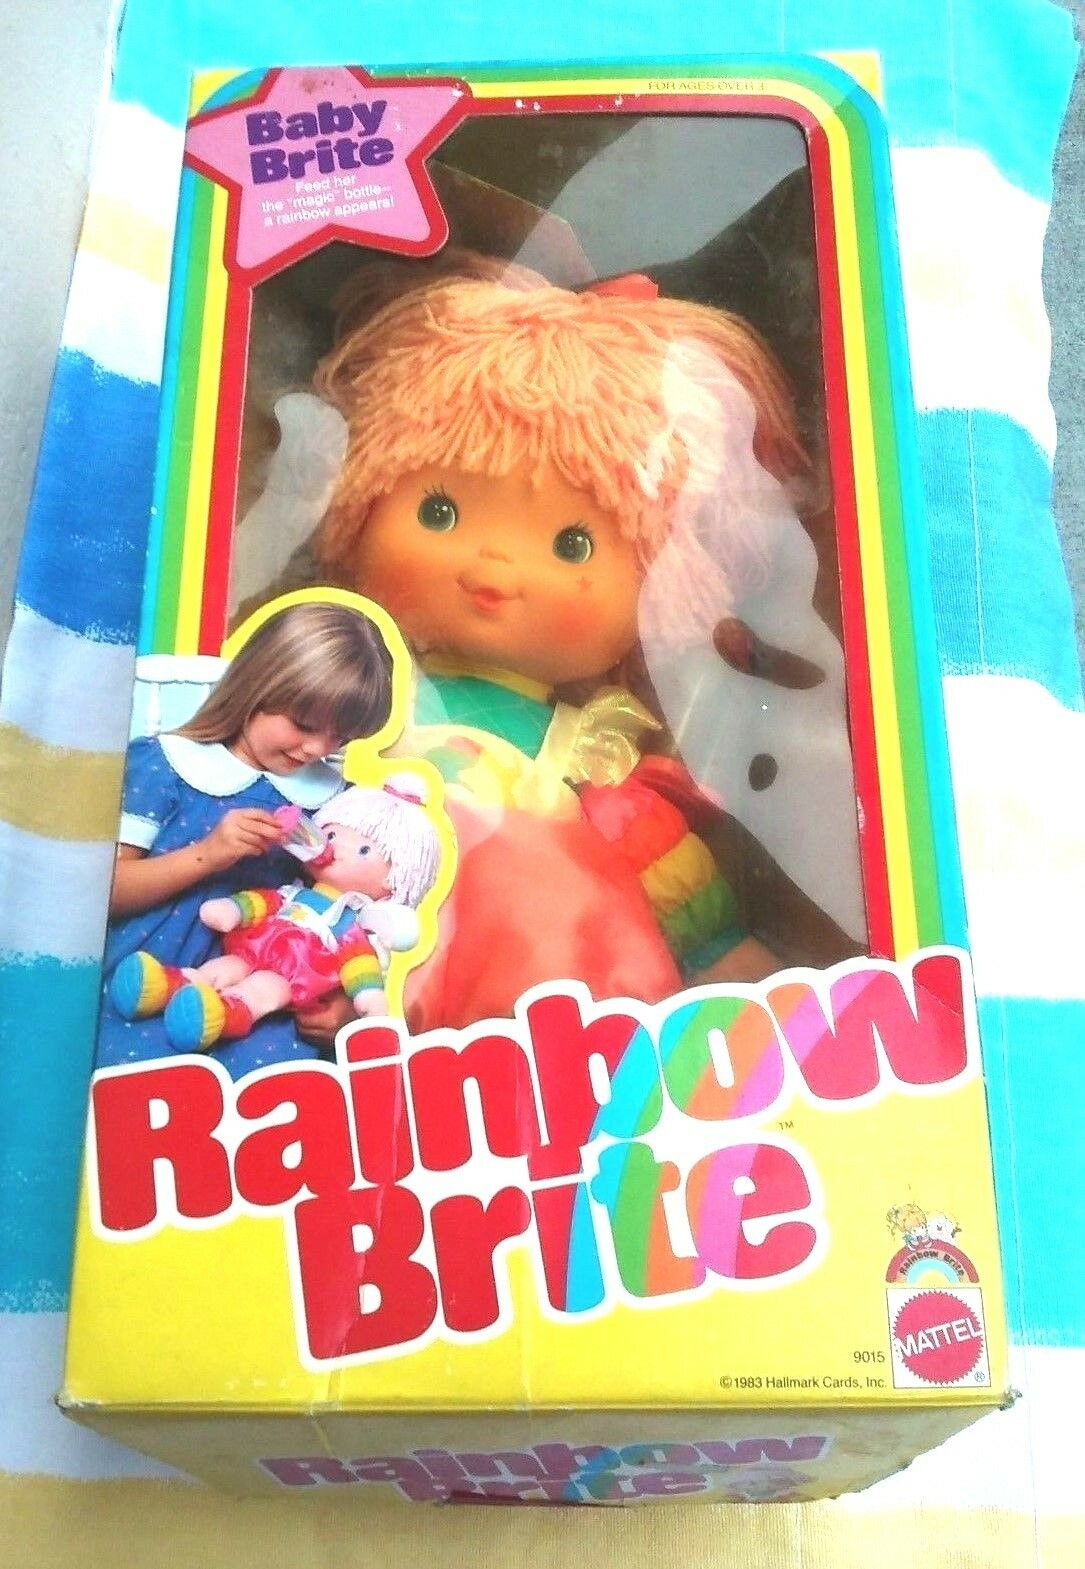 1983 Mattel Muñeca Bebé Brite Arcoiris recogidos Wbottle 19 Pulgadas De Alto Nuevo En Caja